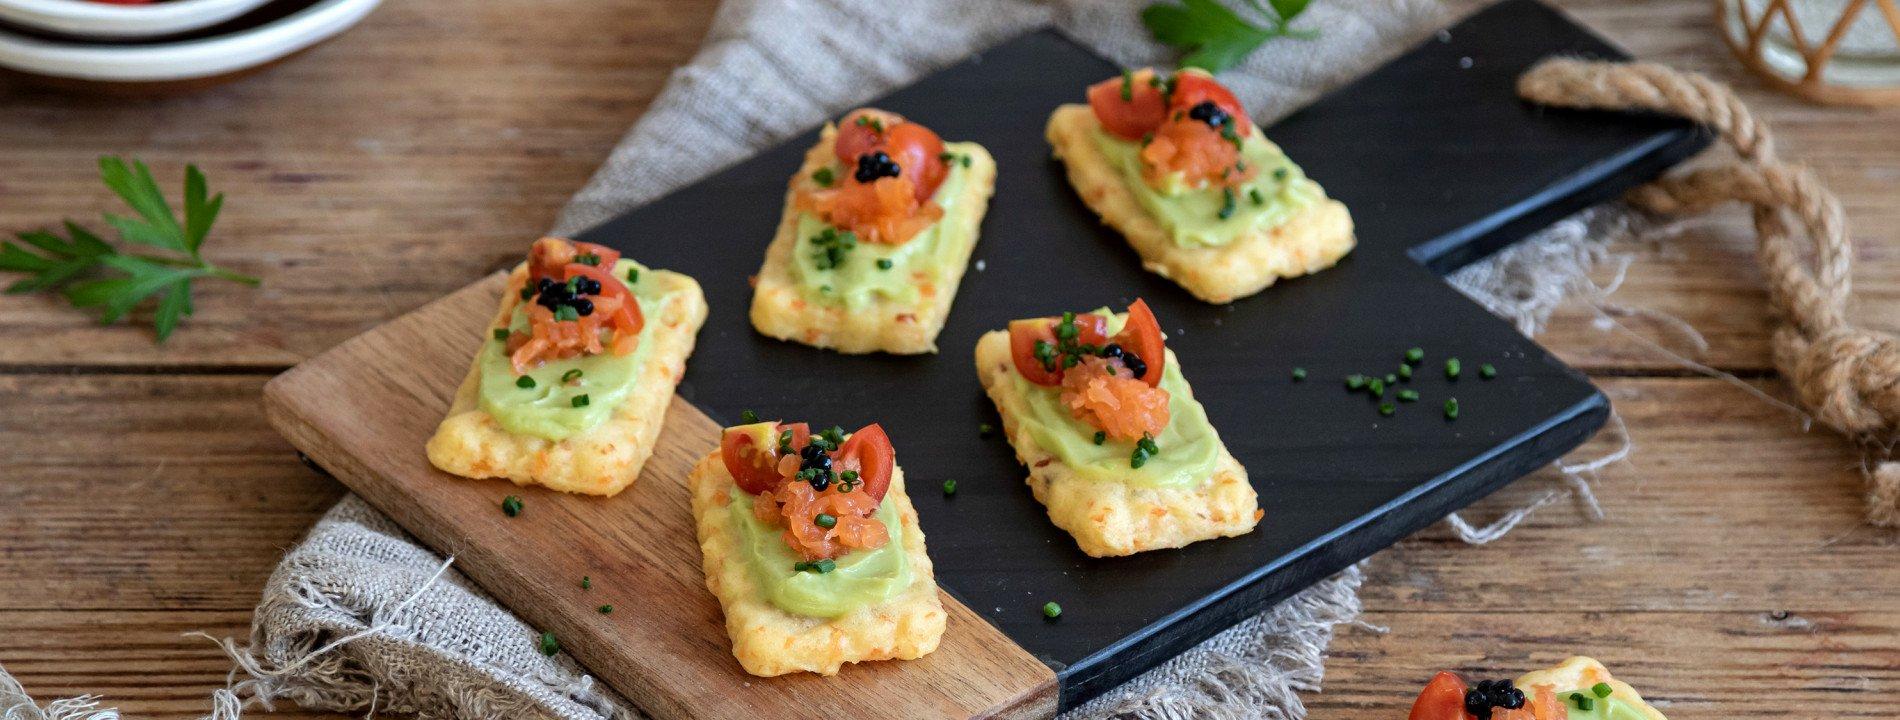 Tostinhas de Puré de Batata com Salmão e Abacate